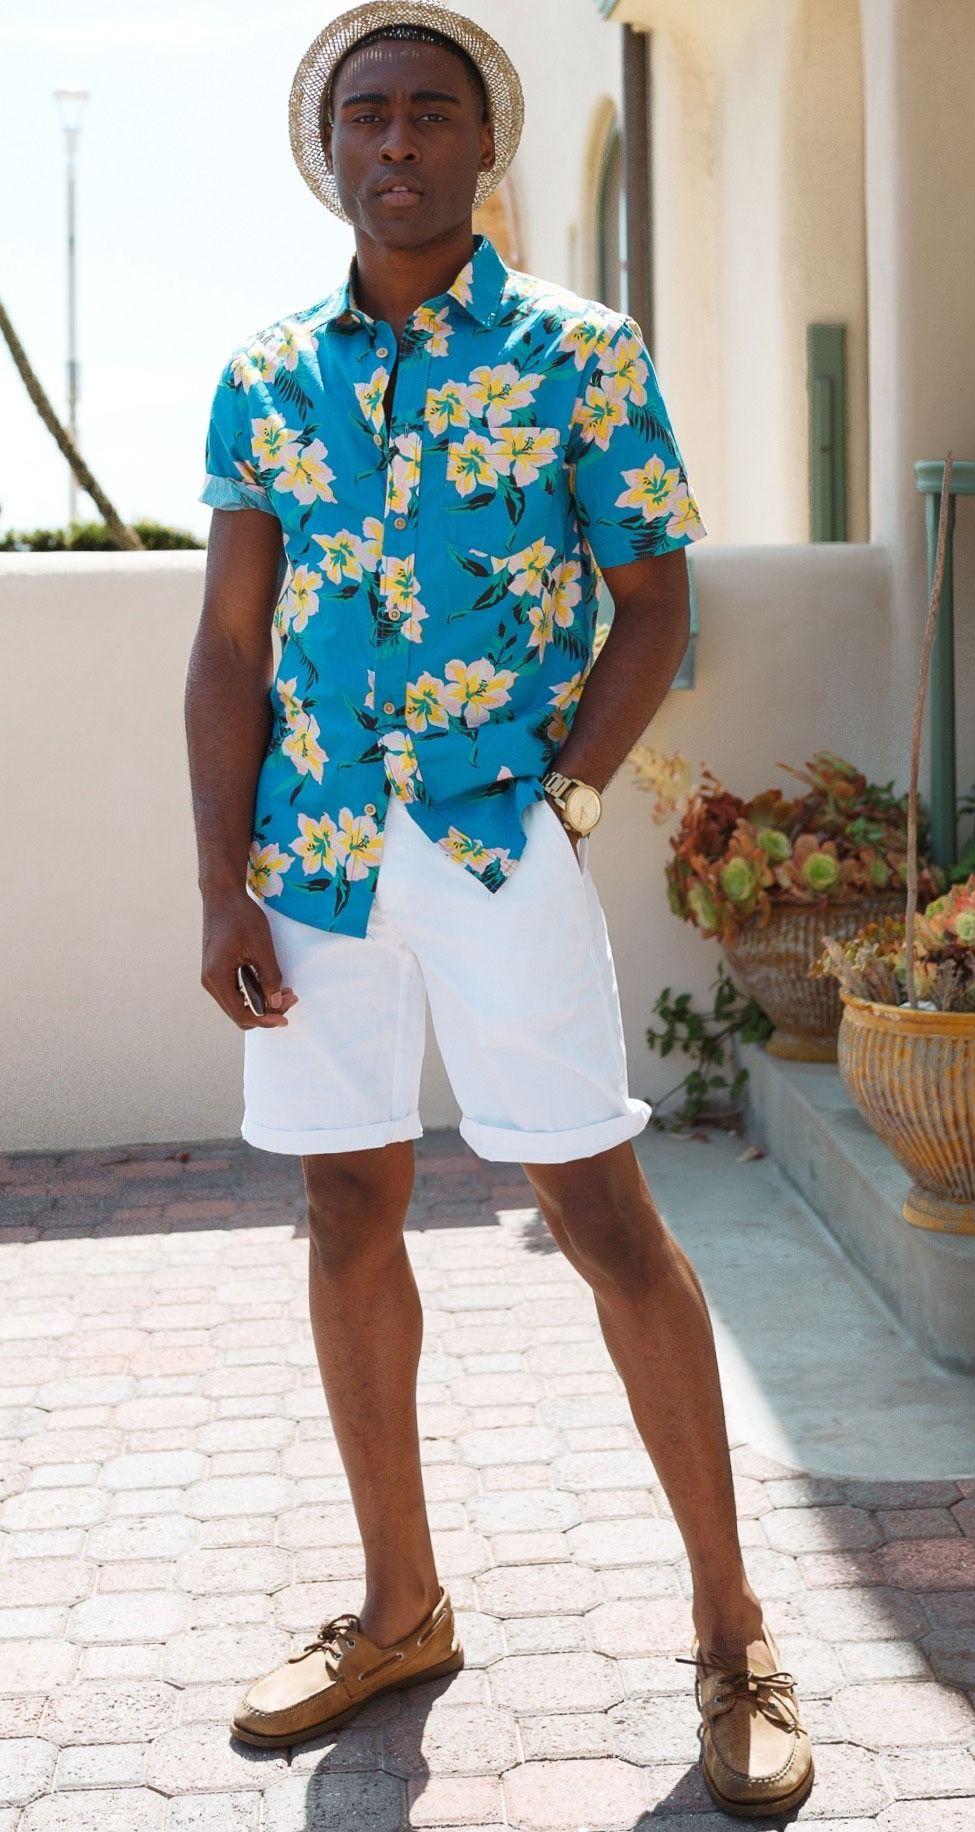 áo hawaii xanh quần shorts trắng